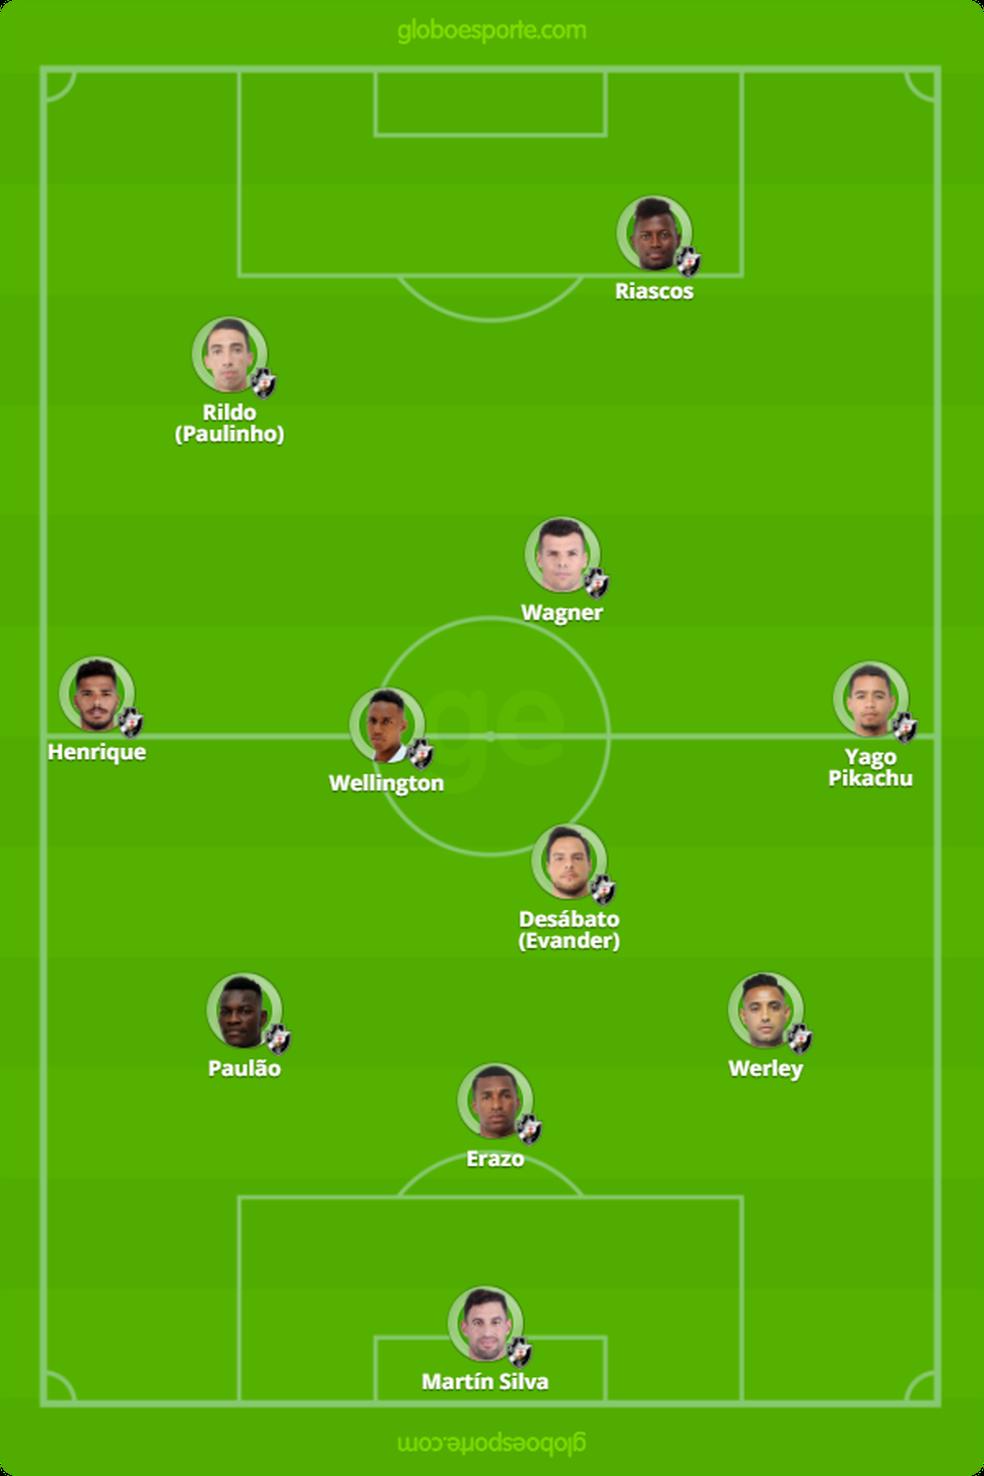 Provável escalação do Vasco para o jogo contra o Madureira (Foto: Infoesporte)